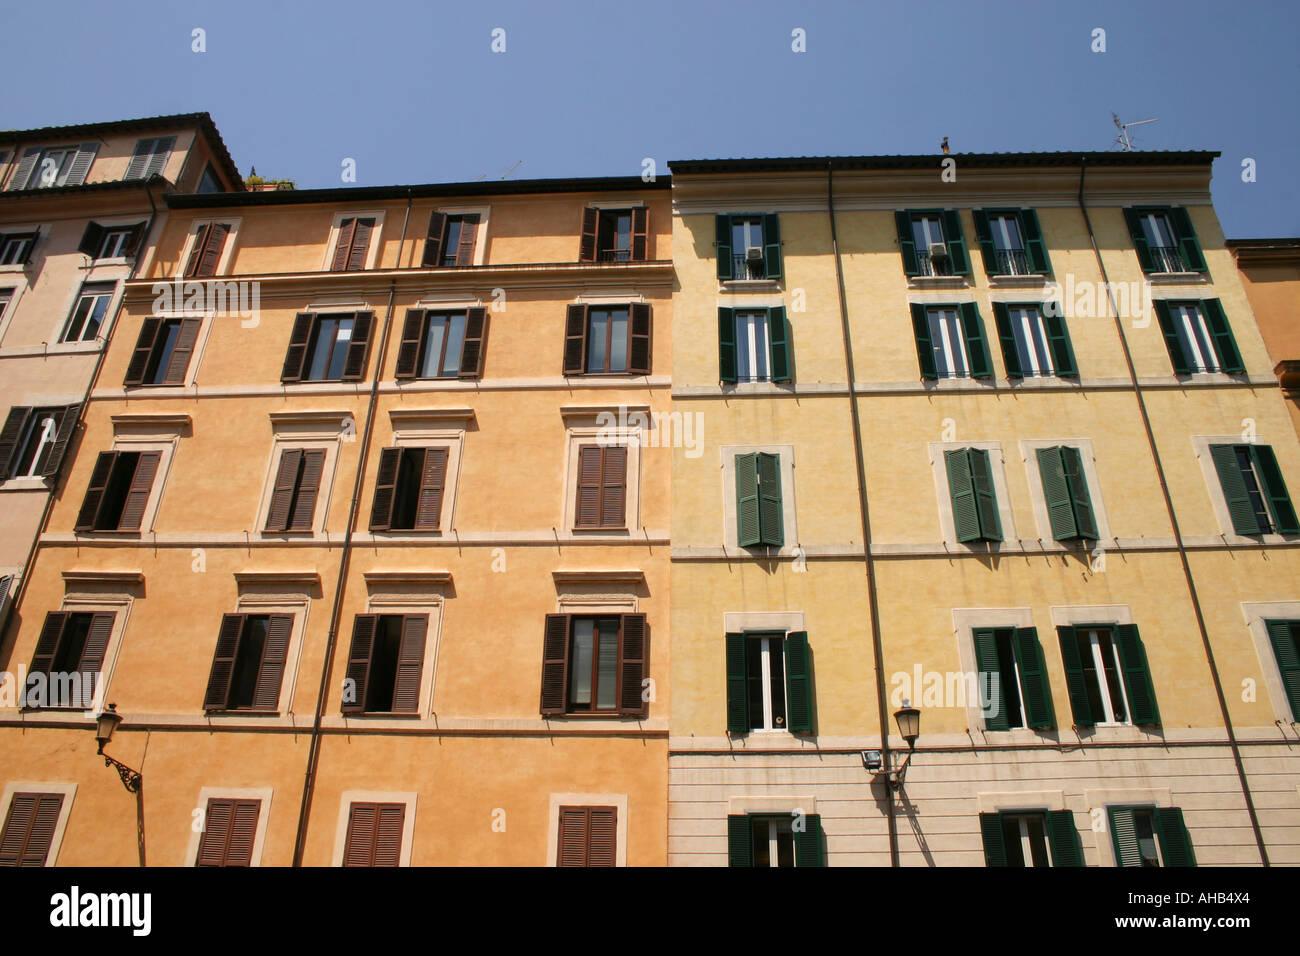 Building Facade Rome Italy - Stock Image